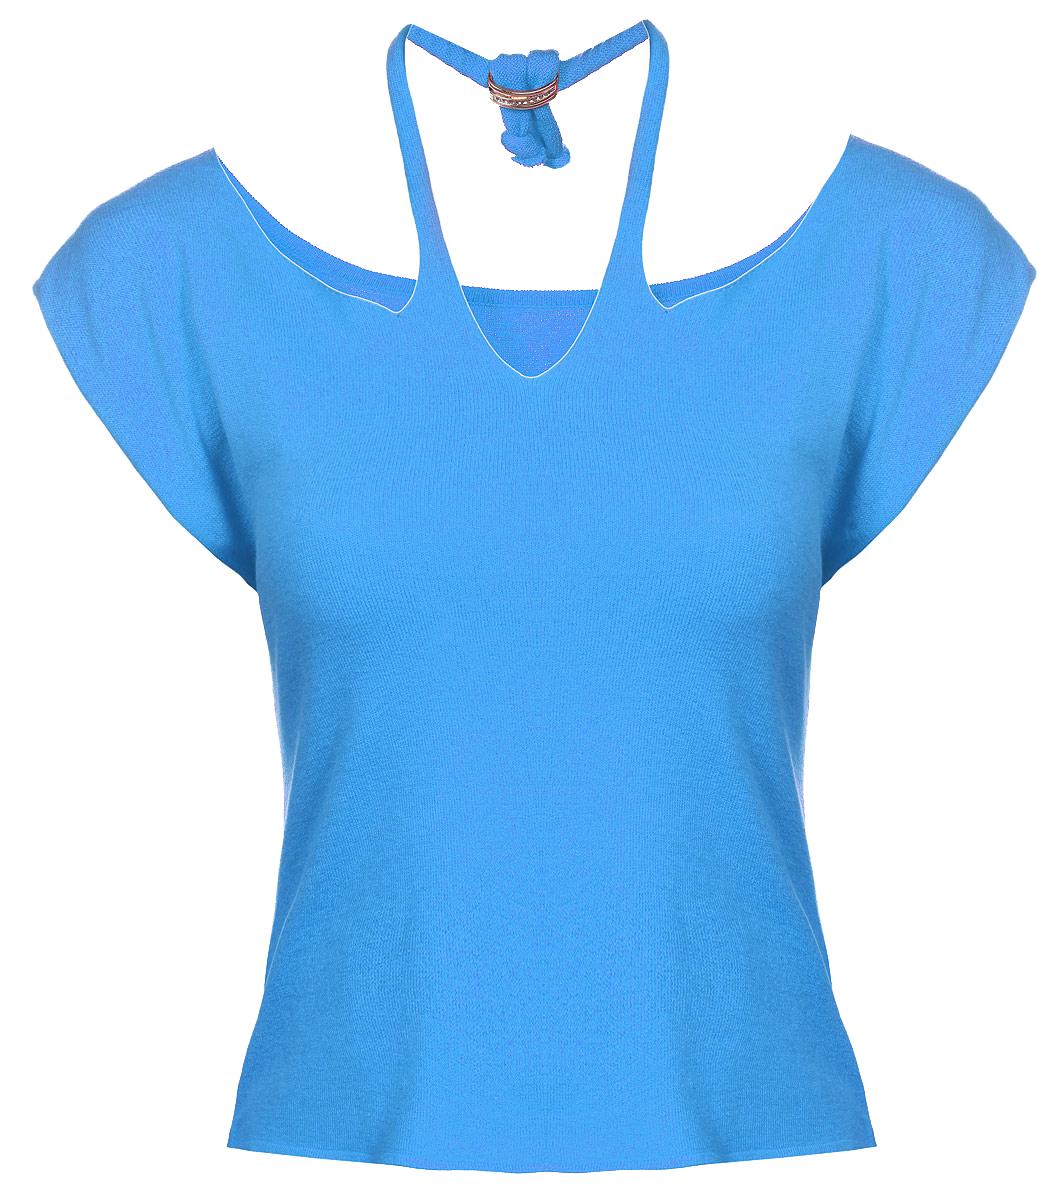 Футболка женская. 11421142Женская футболка Milana Style, изготовленная из ПАН-волокна с добавлением хлопка и вискозы, подчеркнет ваш уникальный стиль. Материал очень мягкий, эластичный, имеет приятную на ощупь текстуру, не сковывает движения и хорошо вентилируется. Укороченная футболка с короткими рукавами имеет фигурный вырез горловины, дополненный лямкой с декоративным элементом, которая фиксируется сзади. Декоративный элемент украшен стразами. Такая футболка займет достойное место в вашем гардеробе и подарит вам комфорт в течение всего дня.